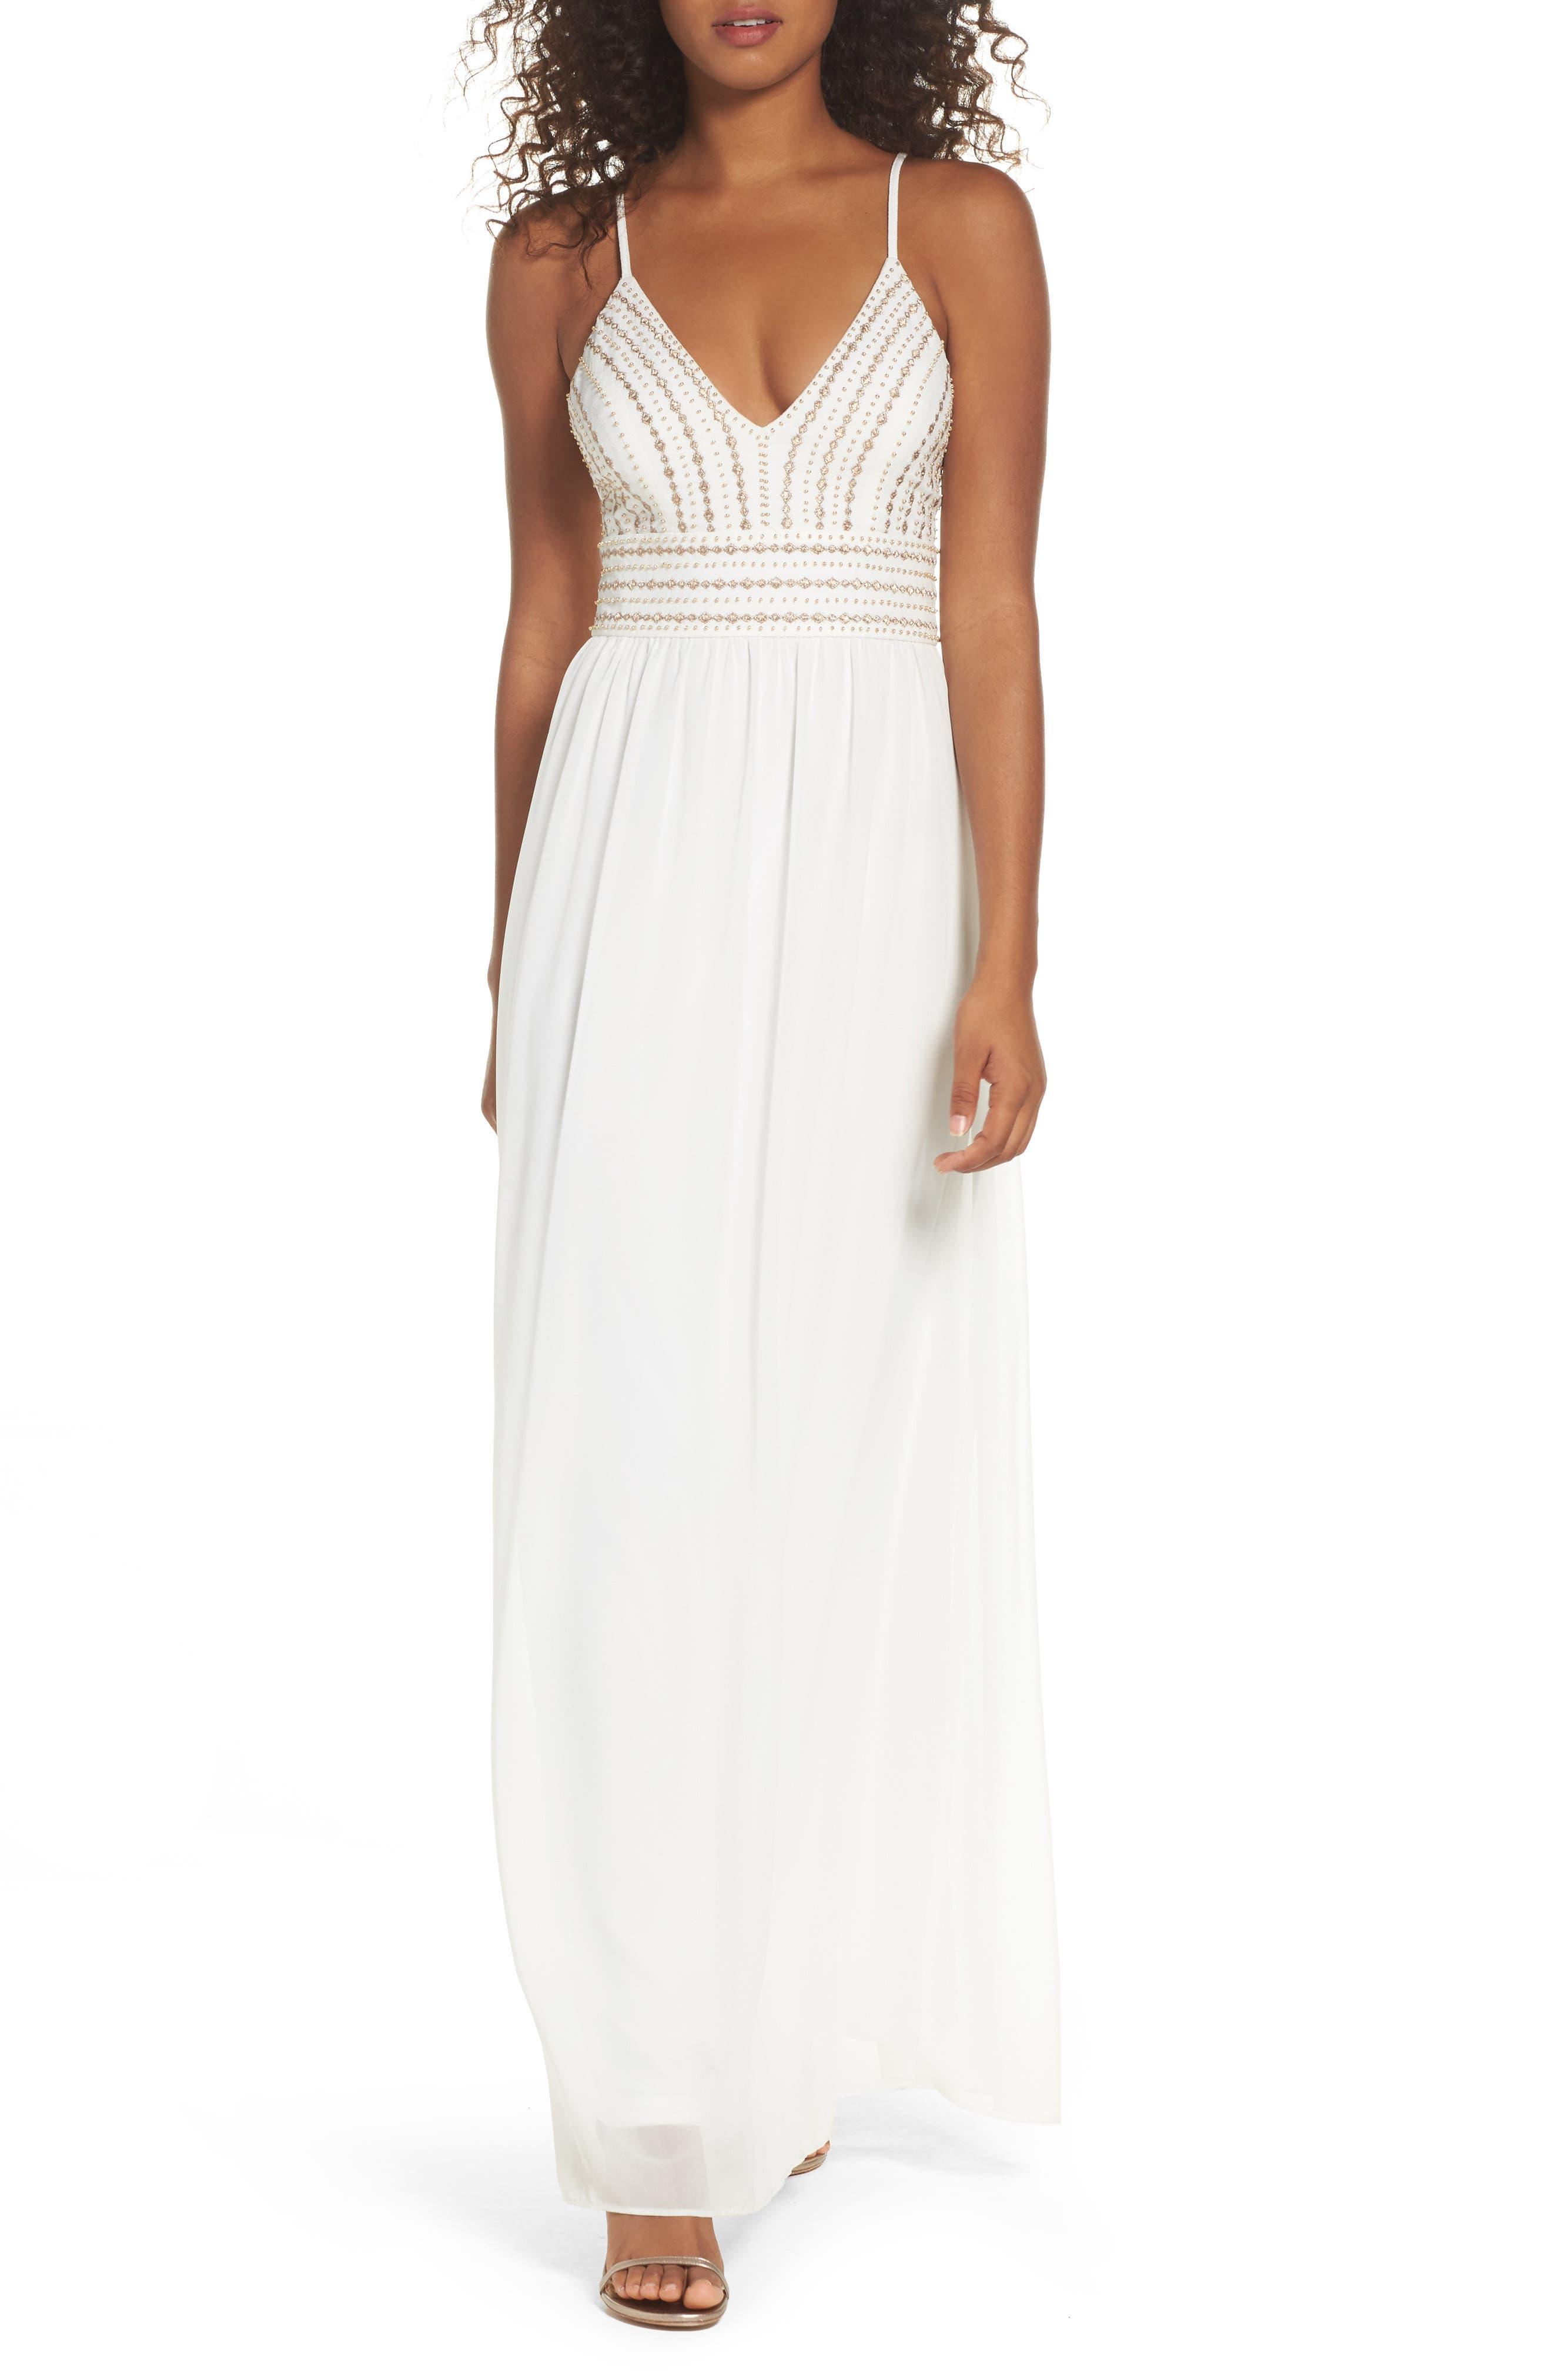 Lulus Glamorous Gala Embellished Maxi Dress